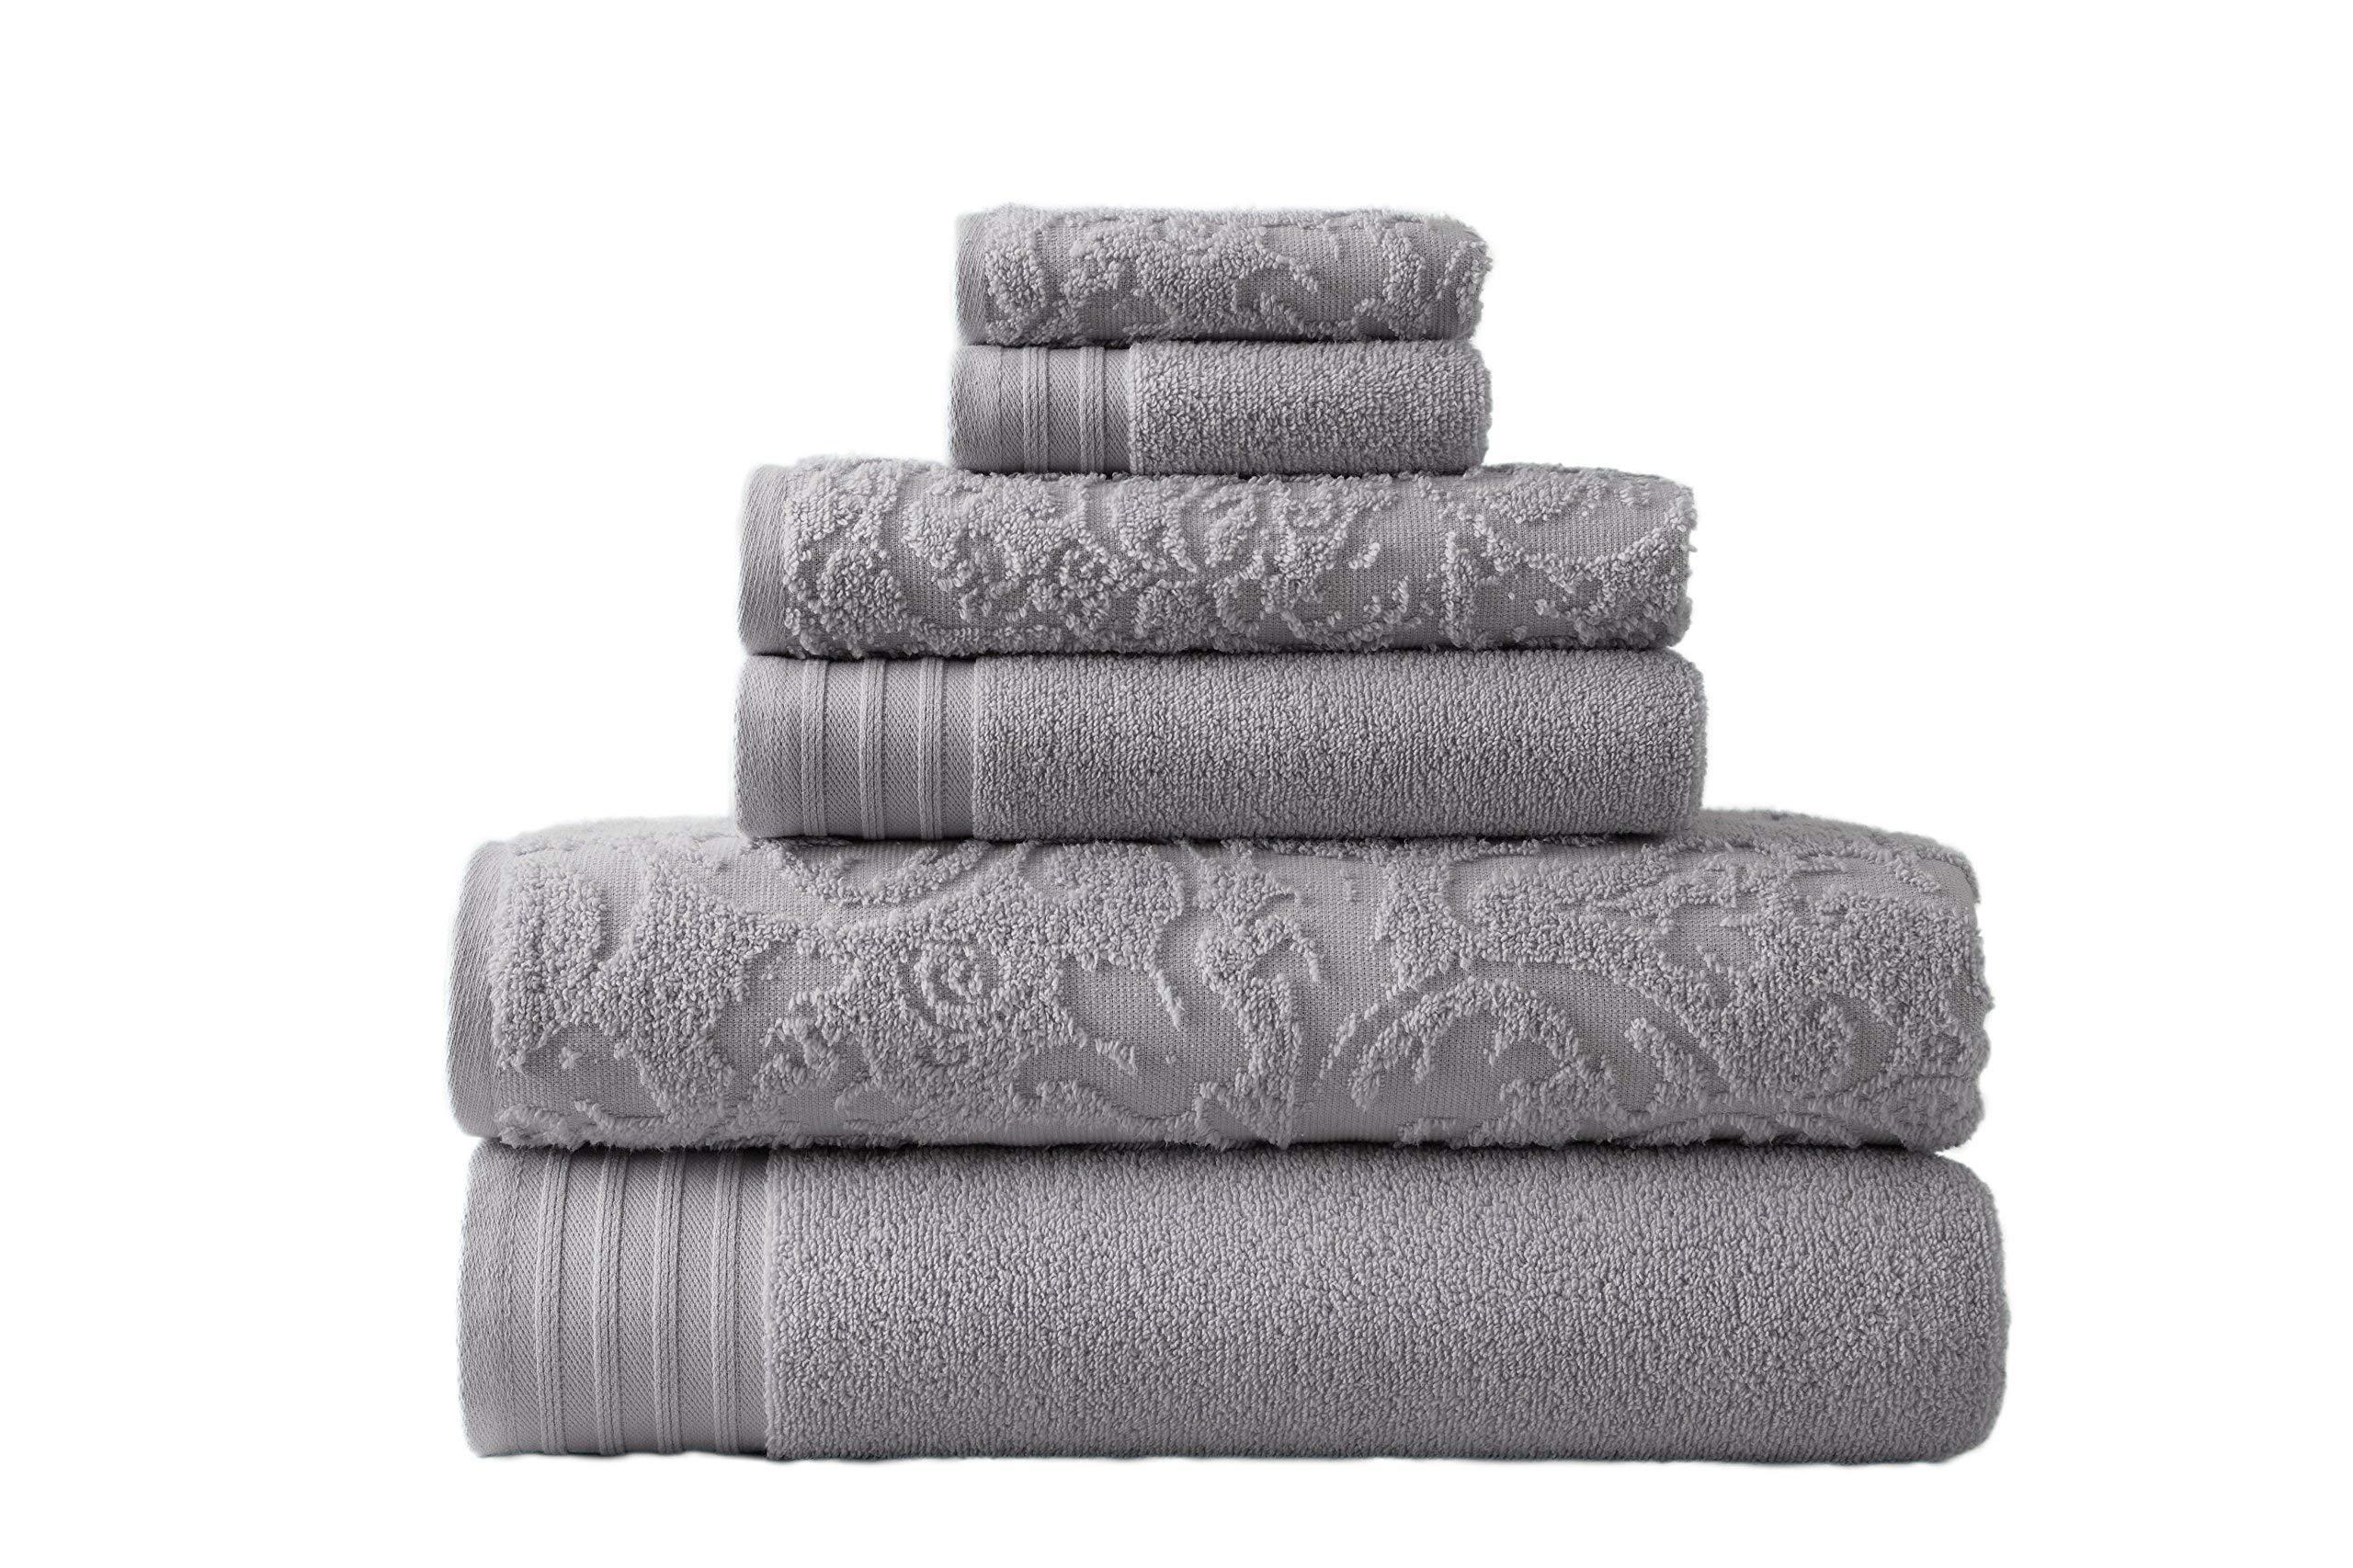 Amrapur Overseas 56JACQLS-PLT-ST 6 Piece Jacquard/Solid Towel Set Leaf Swirl Platinum, Standard